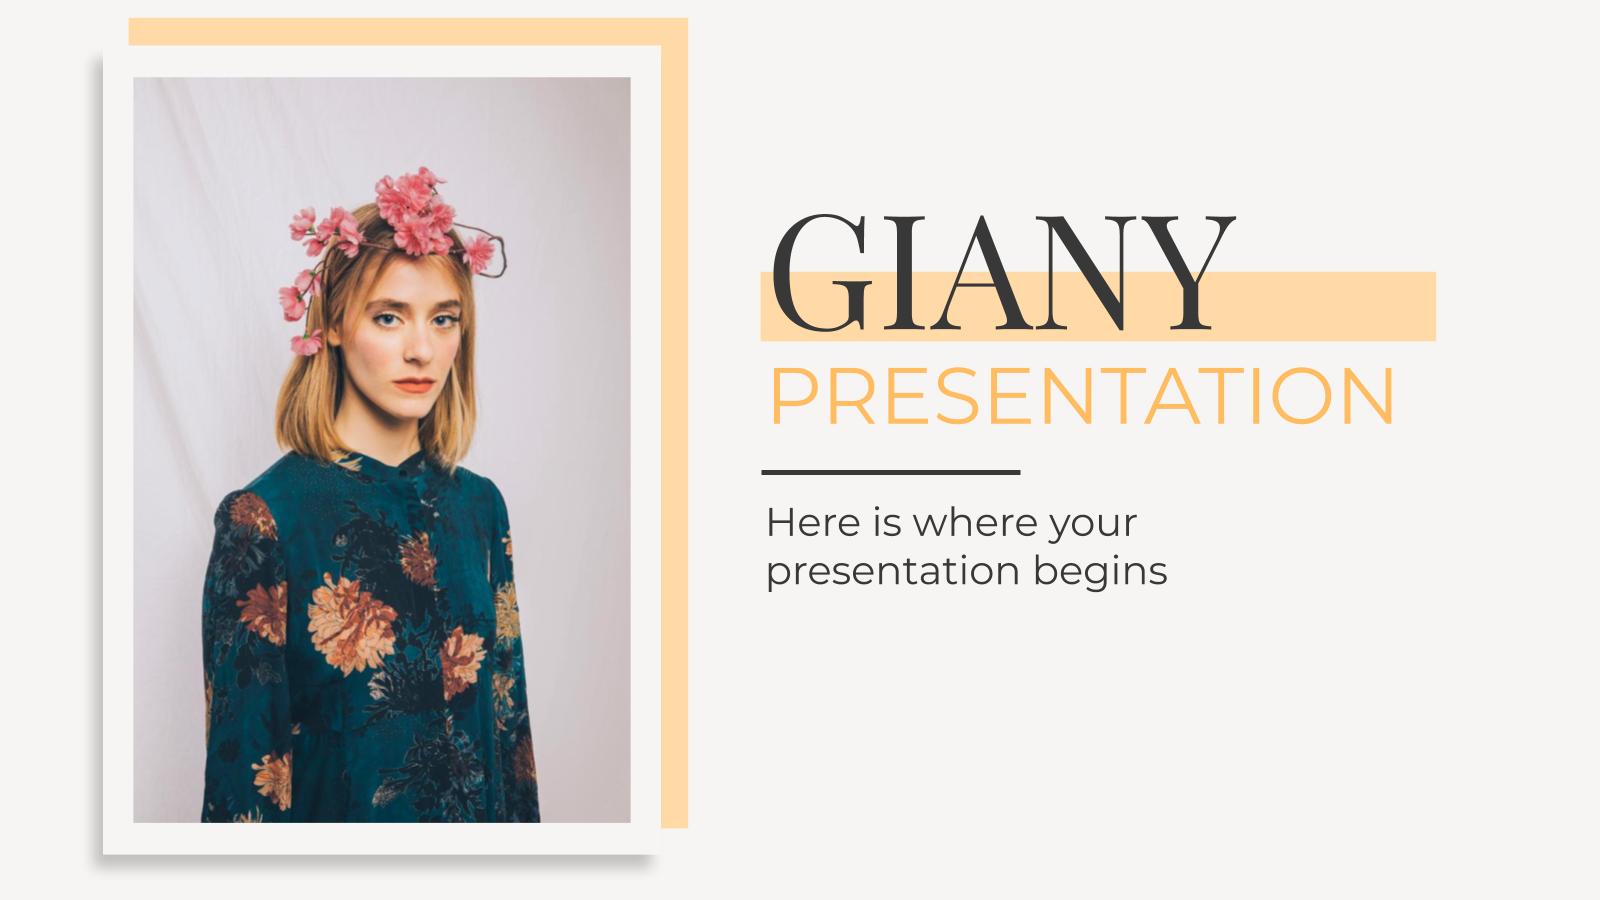 Modelo de apresentação Giany